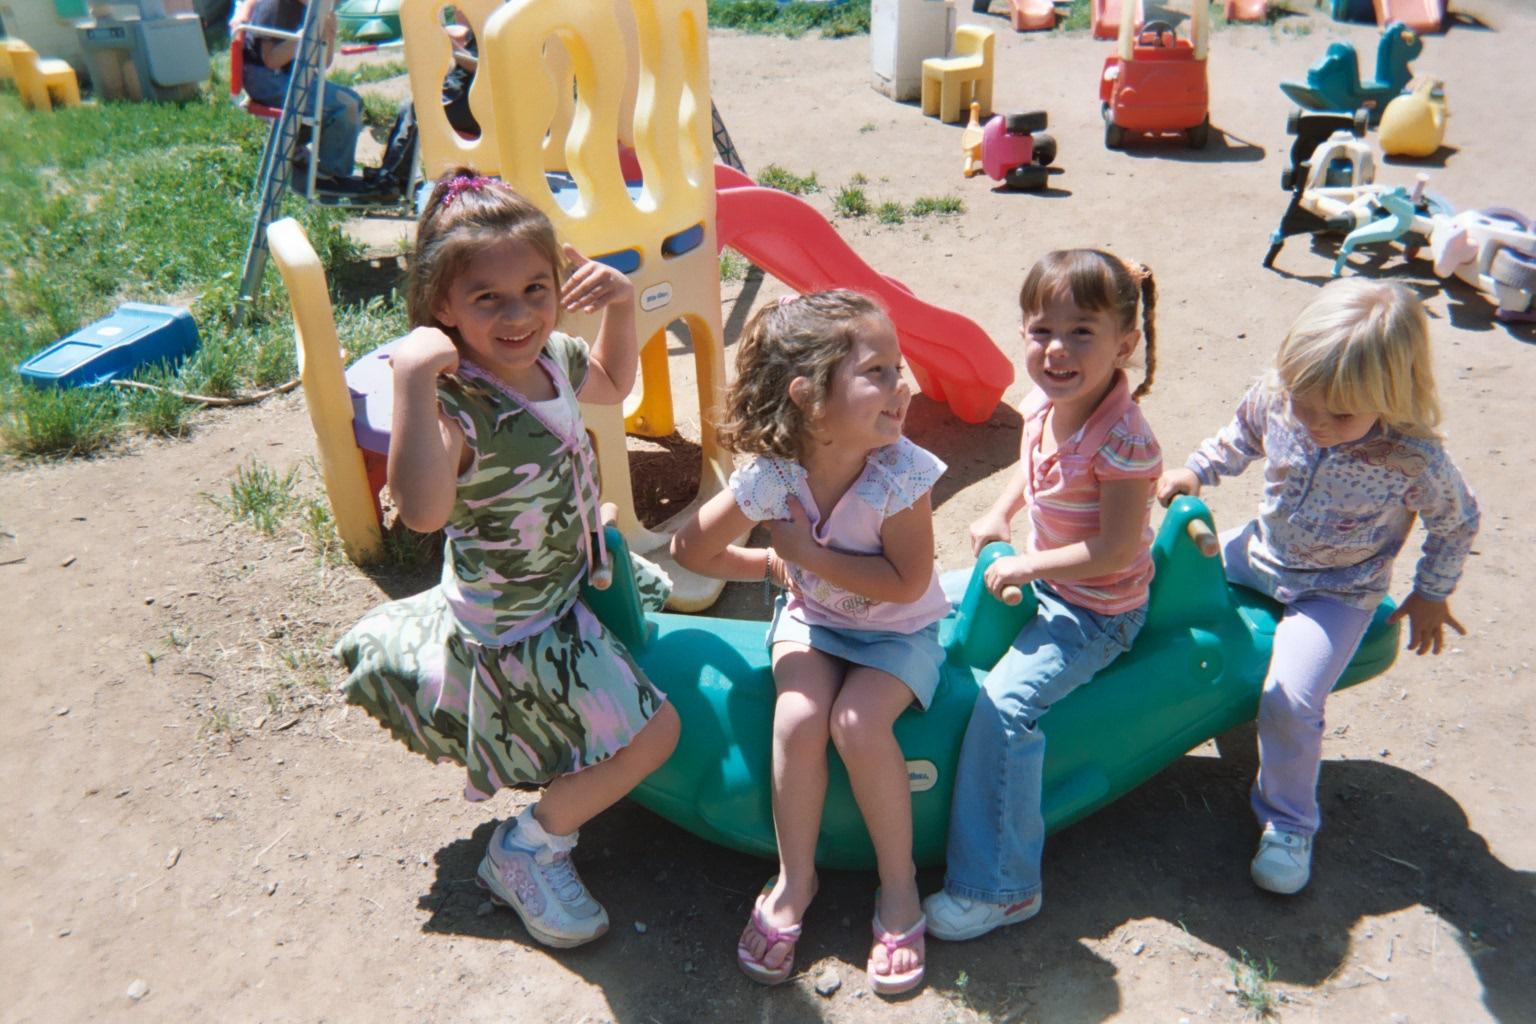 Kids+playing+outside